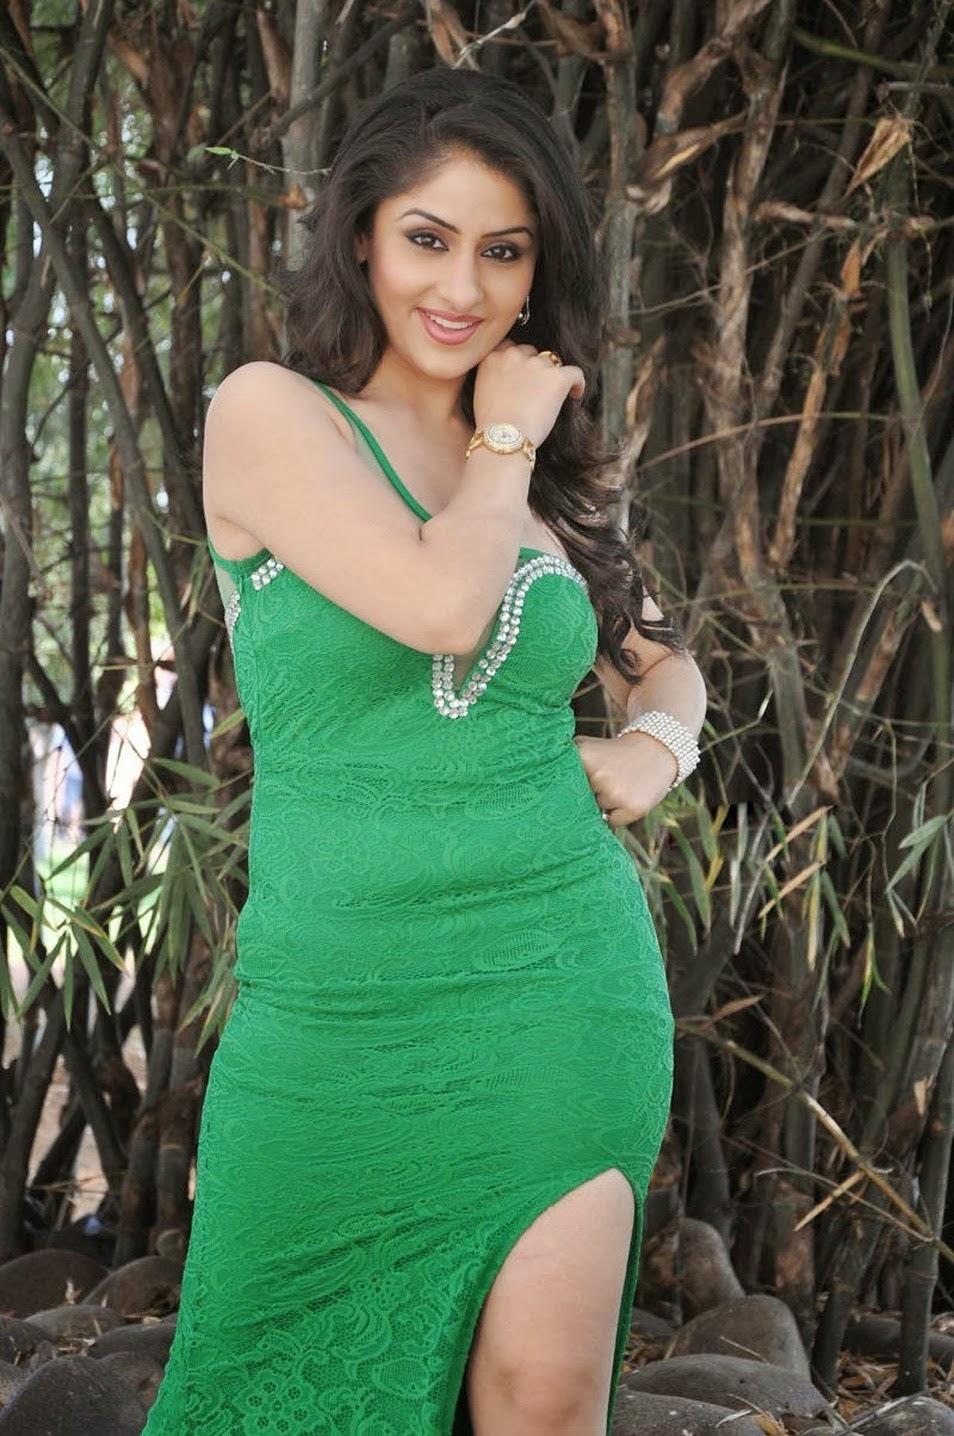 Ankita Sharma 2009 nude photos 2019